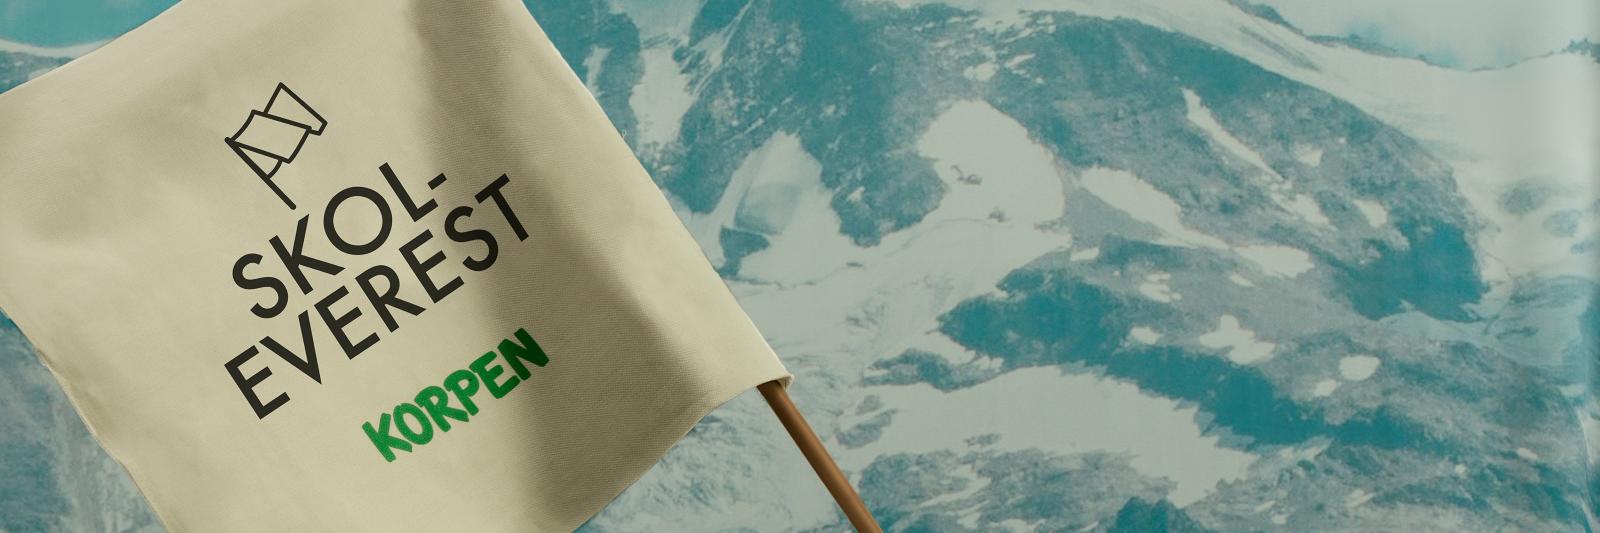 Skoleverest – tillsammans mot världens högsta topp